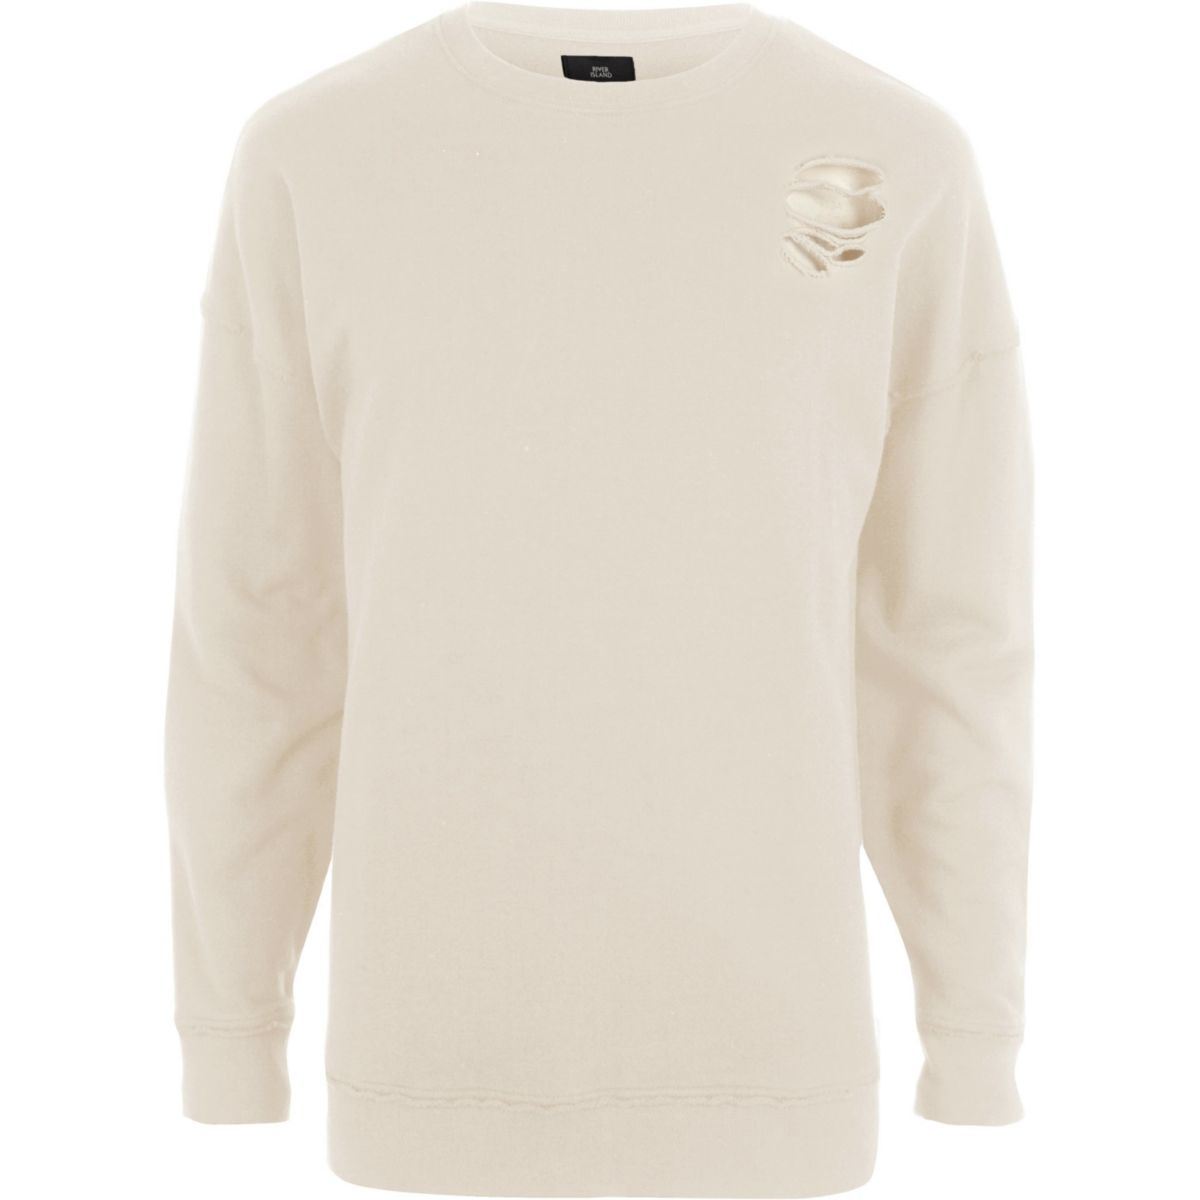 Cream ripped oversized sweatshirt